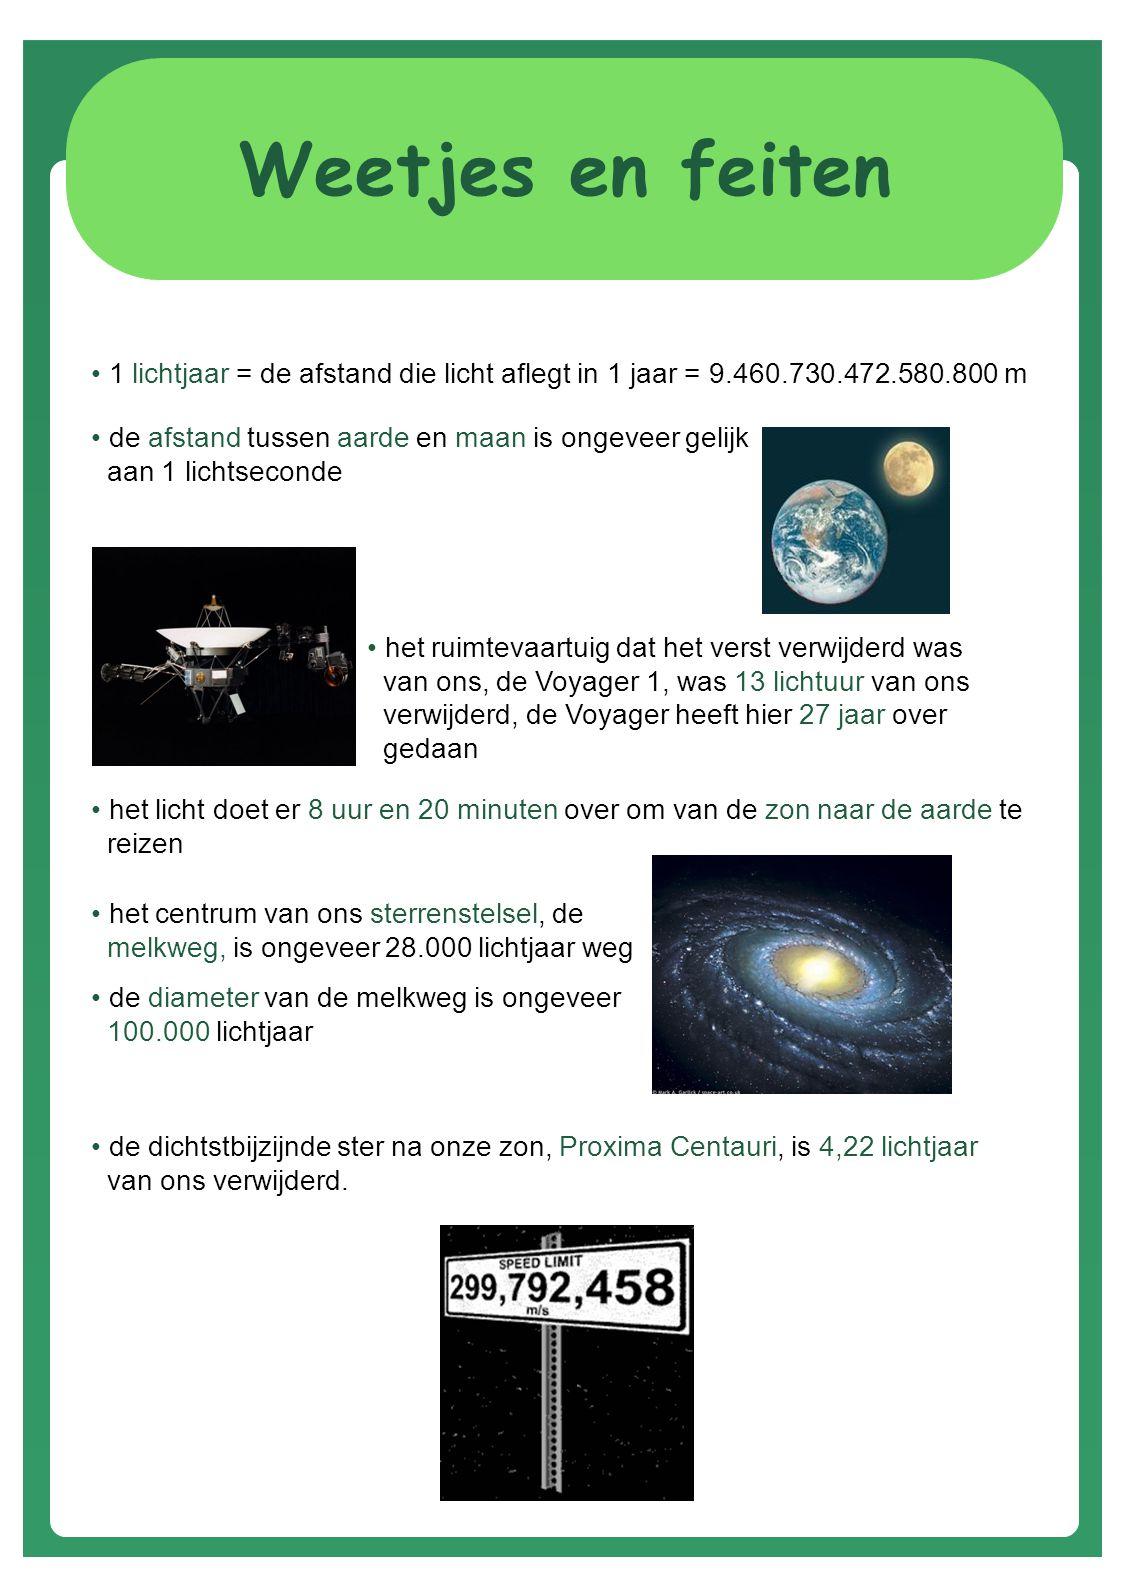 Weetjes en feiten 1 lichtjaar = de afstand die licht aflegt in 1 jaar = 9.460.730.472.580.800 m het ruimtevaartuig dat het verst verwijderd was van ons, de Voyager 1, was 13 lichtuur van ons verwijderd, de Voyager heeft hier 27 jaar over gedaan de afstand tussen aarde en maan is ongeveer gelijk aan 1 lichtseconde het licht doet er 8 uur en 20 minuten over om van de zon naar de aarde te reizen het centrum van ons sterrenstelsel, de melkweg, is ongeveer 28.000 lichtjaar weg de diameter van de melkweg is ongeveer 100.000 lichtjaar de dichtstbijzijnde ster na onze zon, Proxima Centauri, is 4,22 lichtjaar van ons verwijderd.